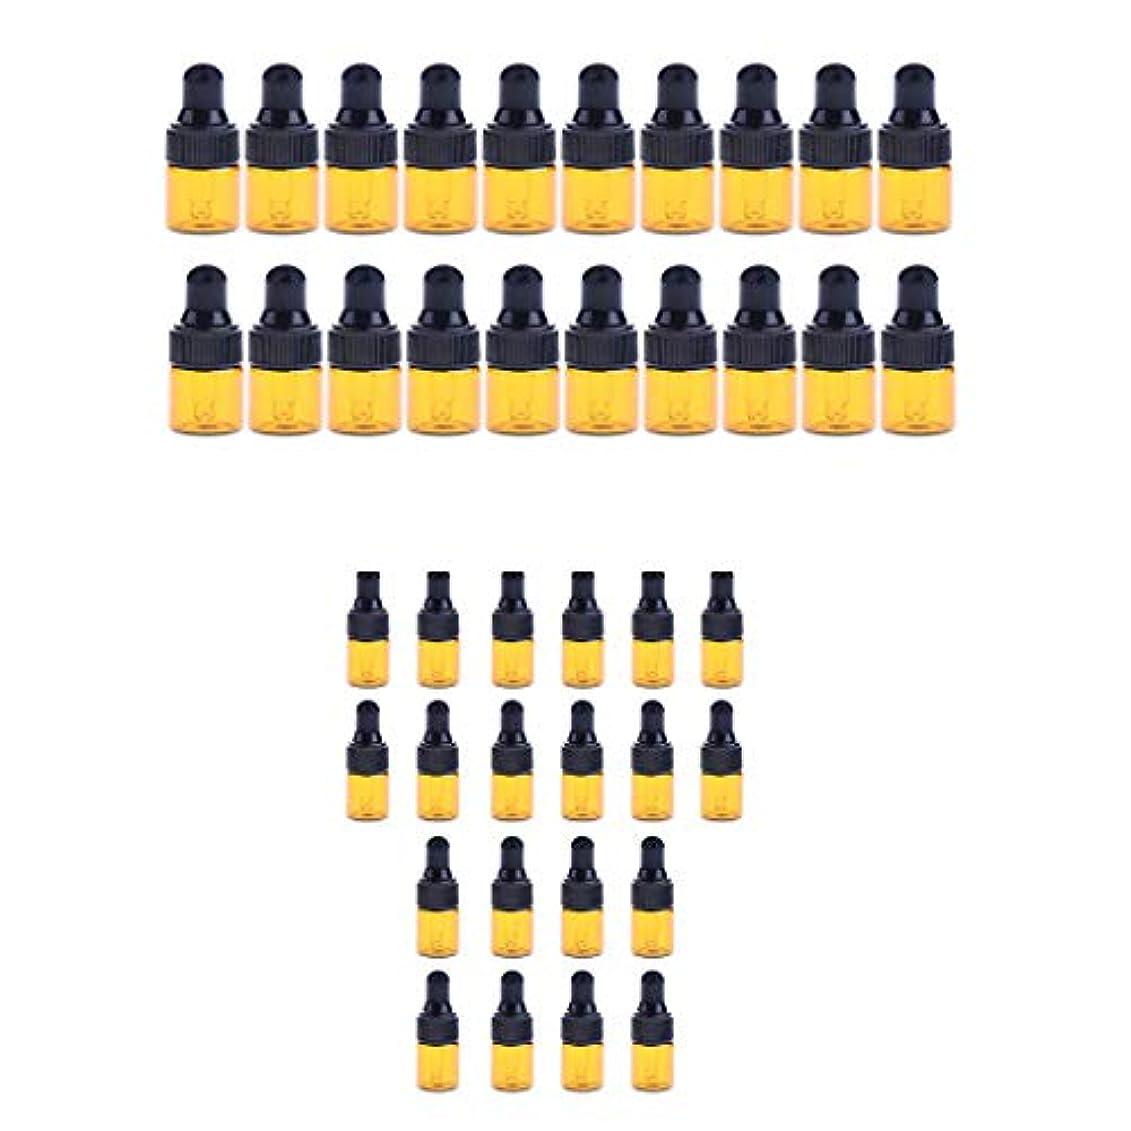 中世のハンカチ対応する小分けボトル スポイトボトル ガラス瓶 詰め替え 精油 香水 保存用 2ml / 3ml 40個入